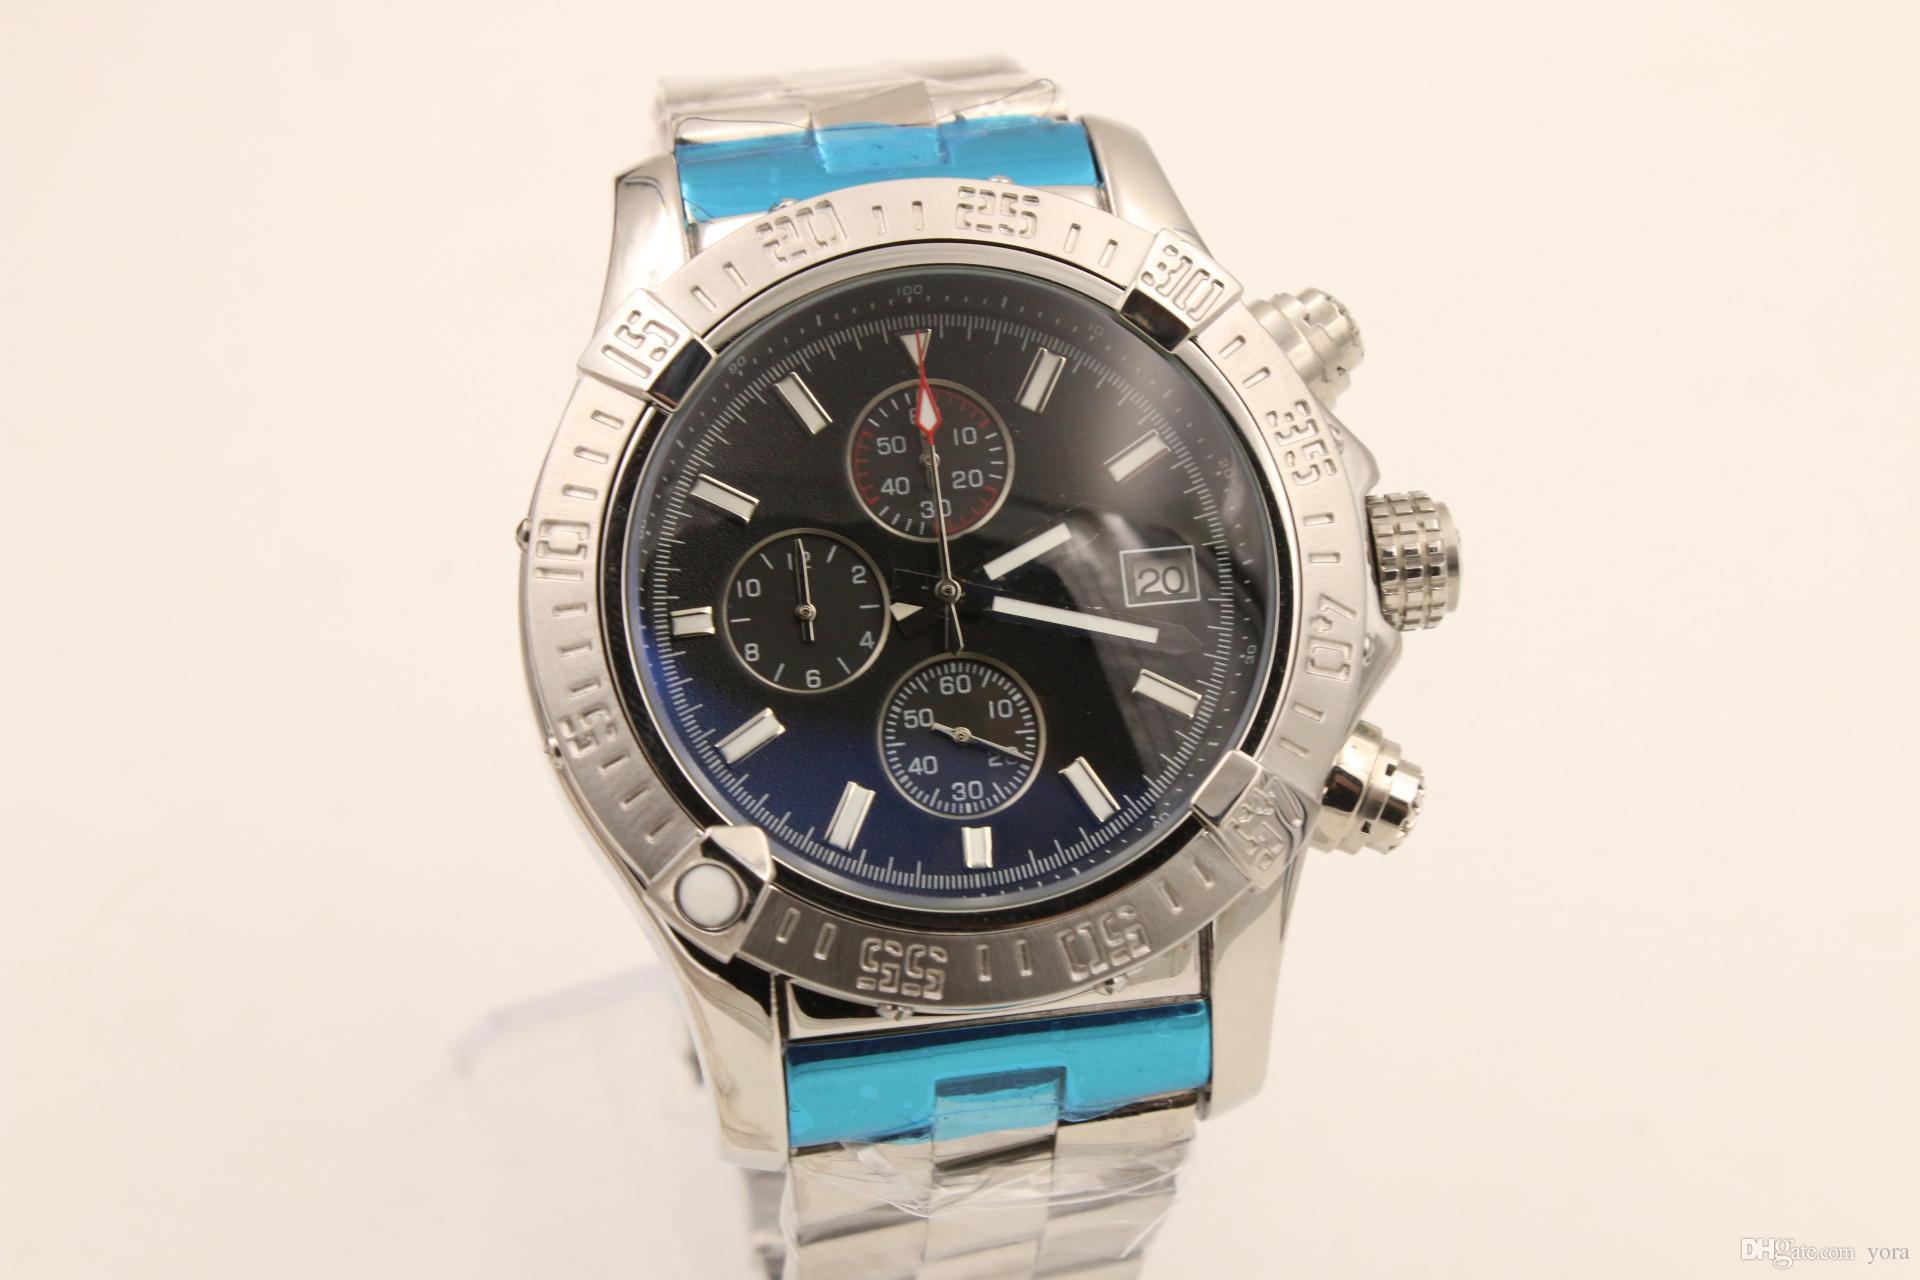 Großhandel Beliebte Luxus Exquisite Herrenuhren 1883 Uhren ...